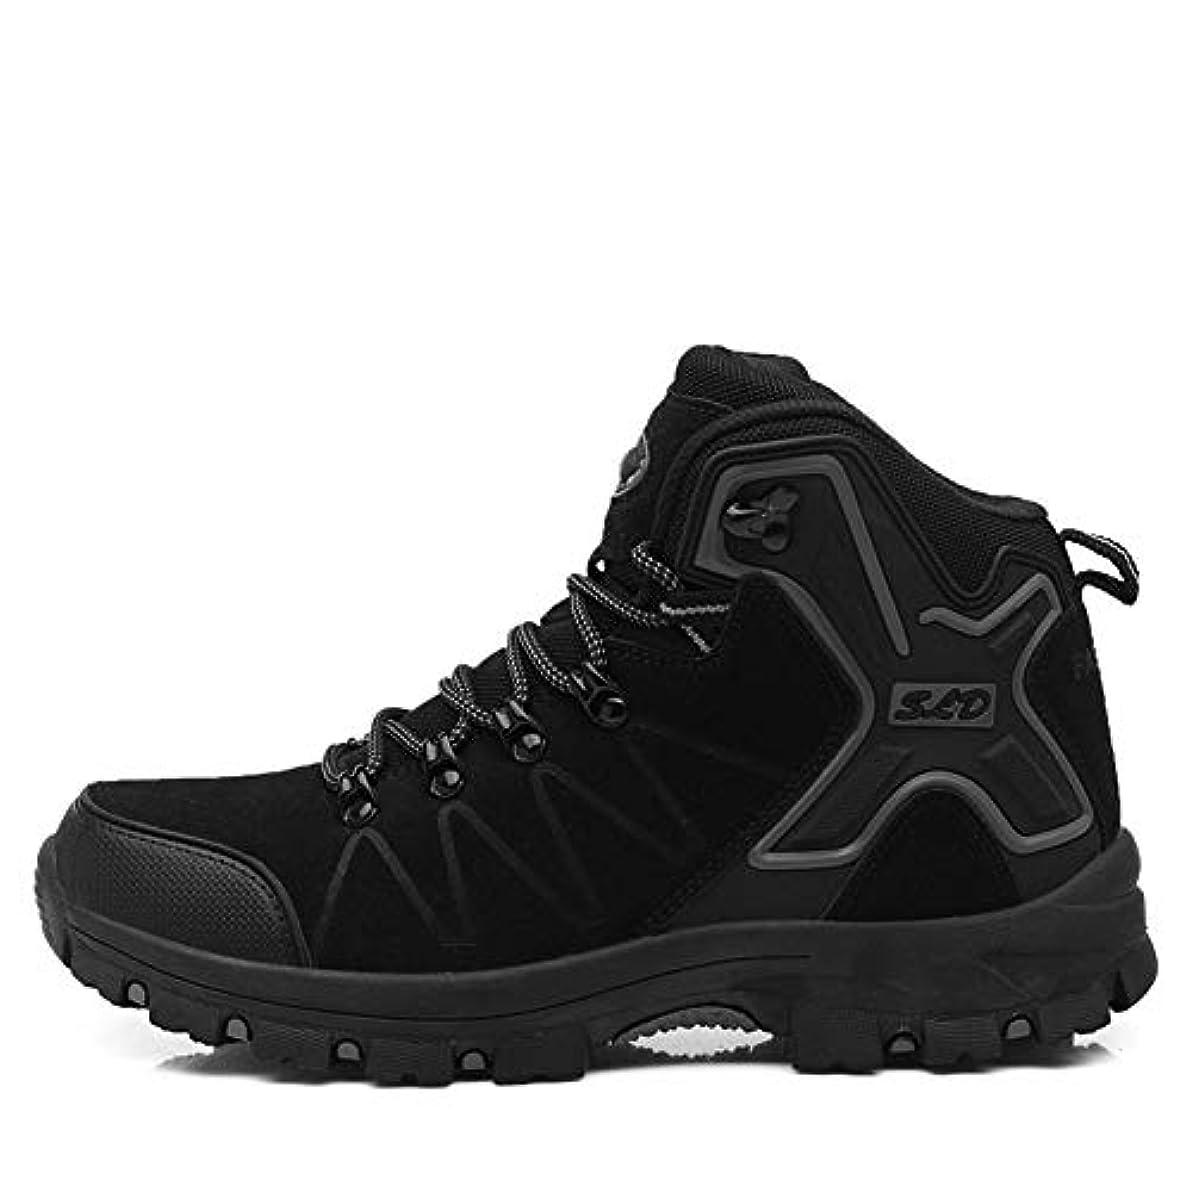 裁定間線形[TcIFE] トレッキングシューズ メンズ 防水 防滑 ハイカット 登山靴 大きいサイズ ハイキングシューズ メンズ 耐磨耗 ハイキングシューズ メンズ 通気性 スニーカー